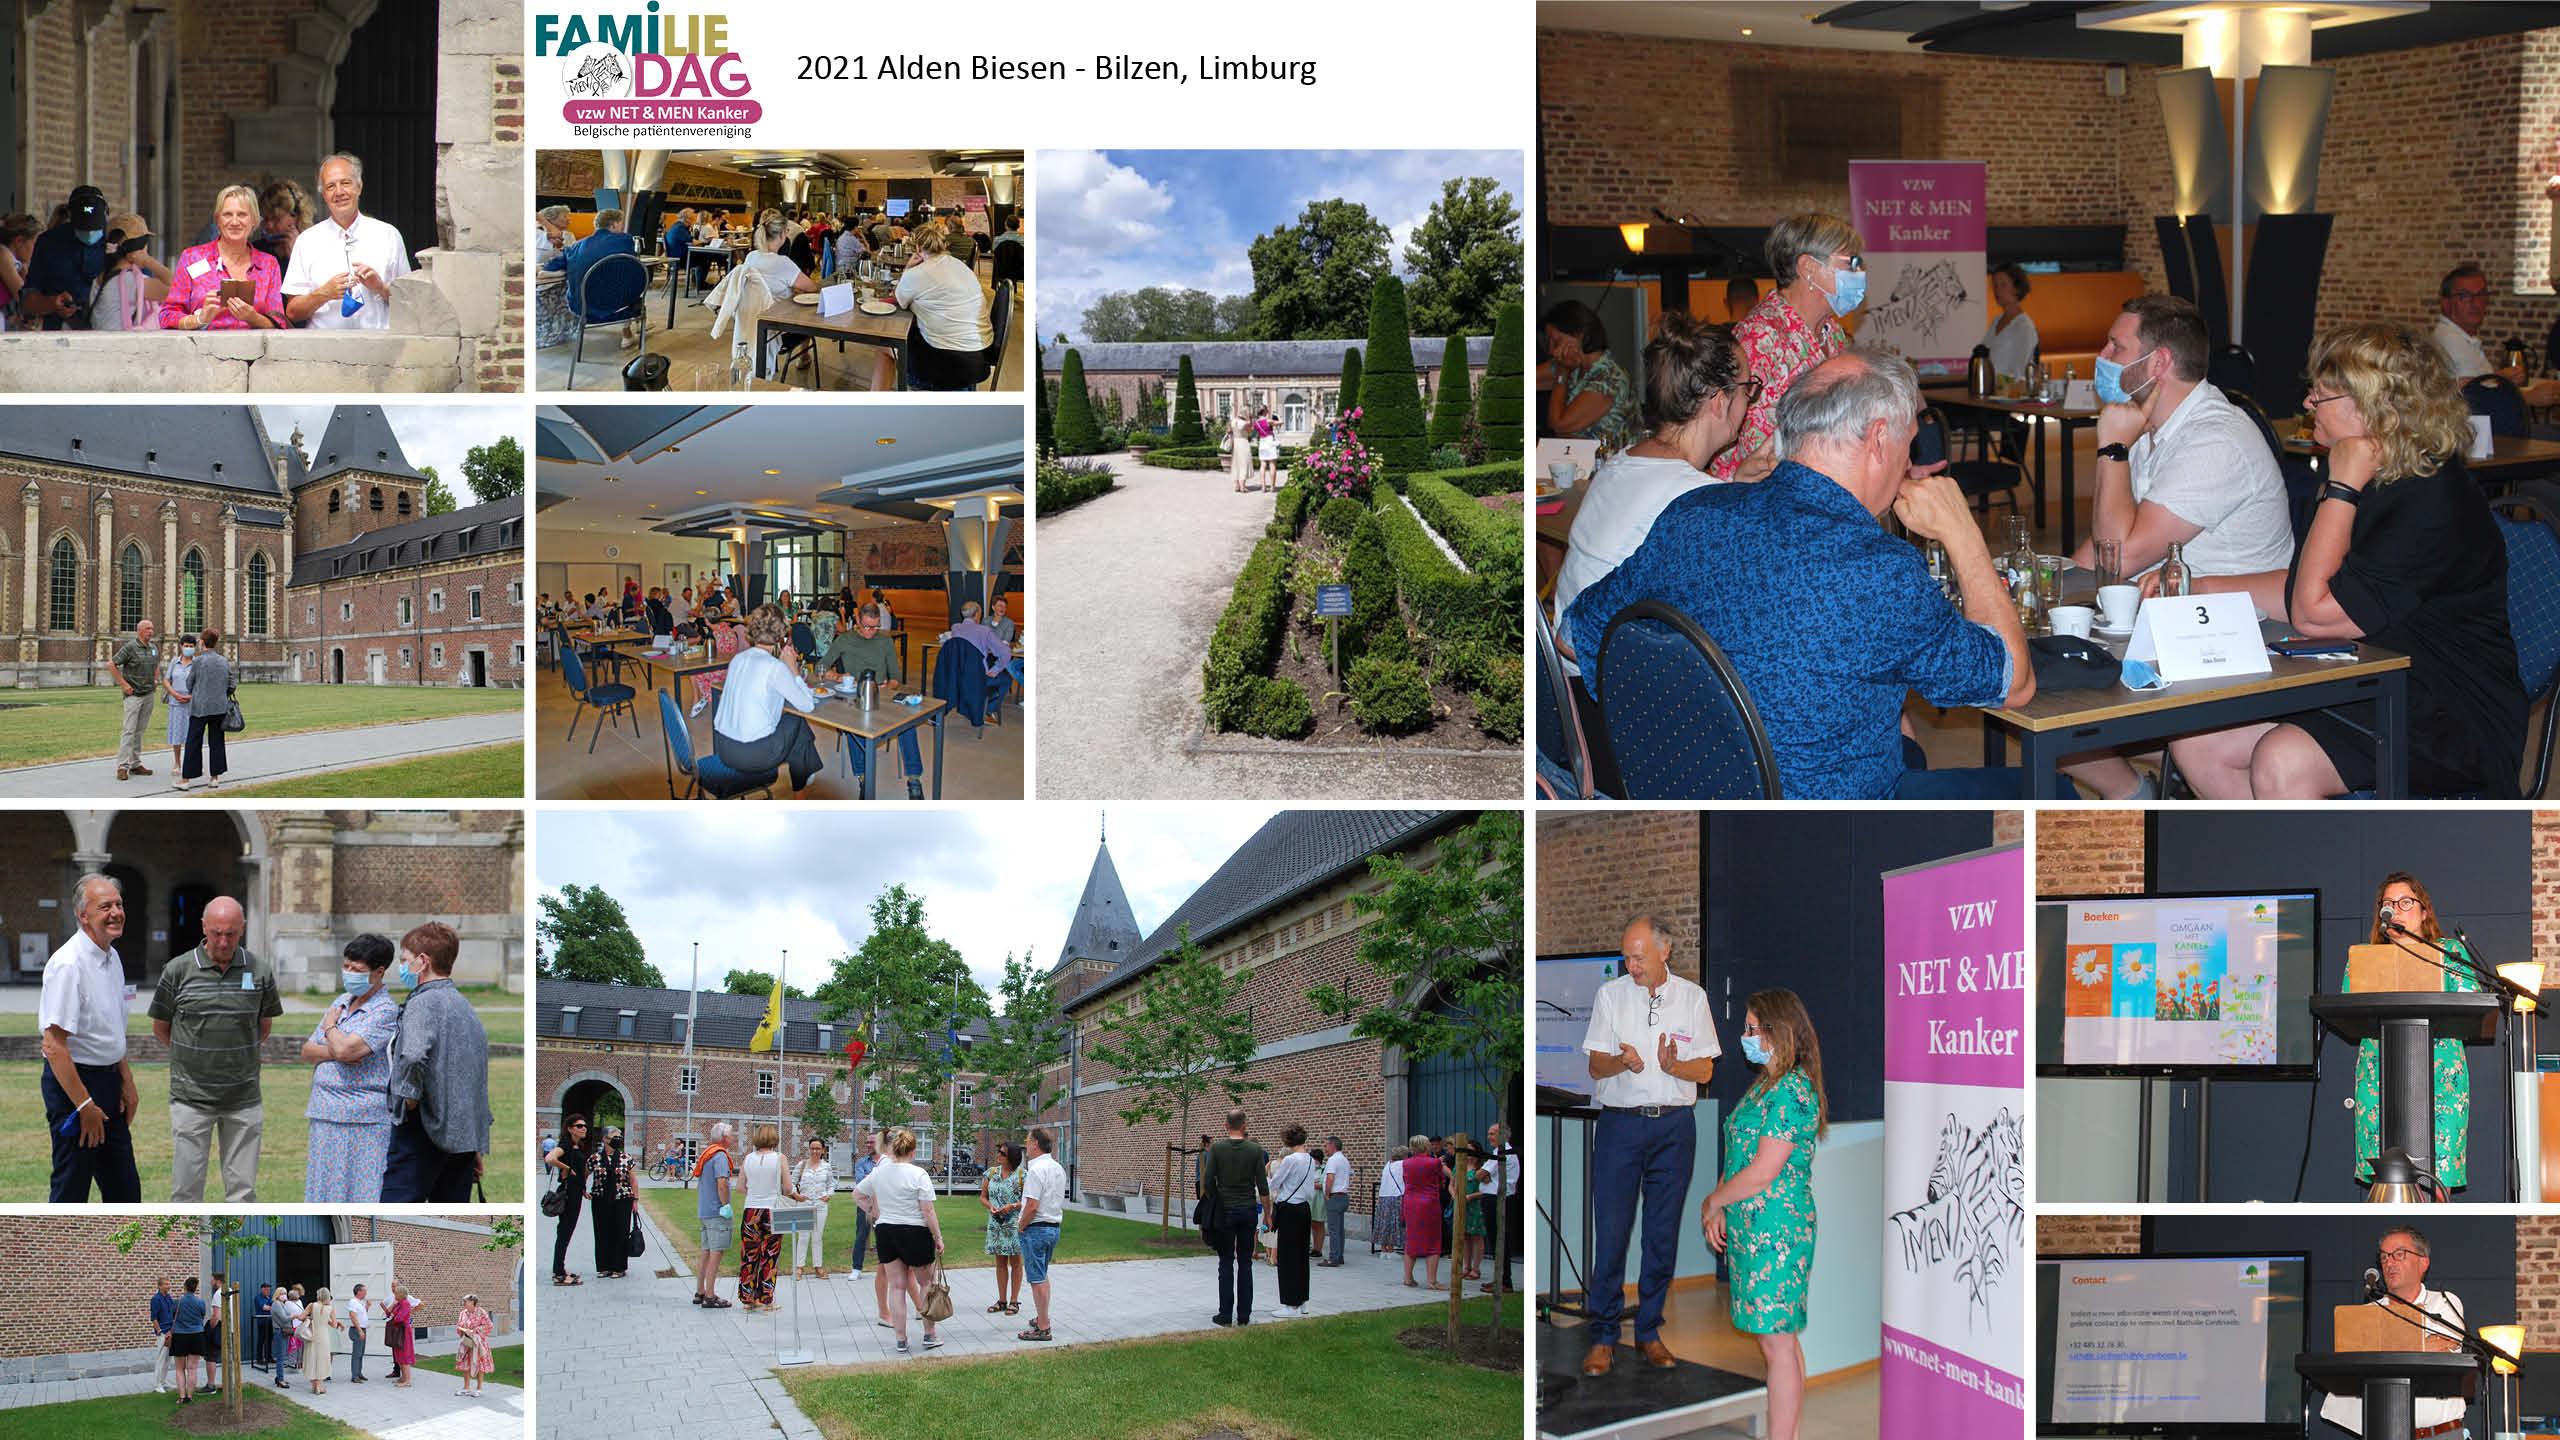 NET & MEN Familie bijeenkomst in 2021 in Alden Biesen Limburg